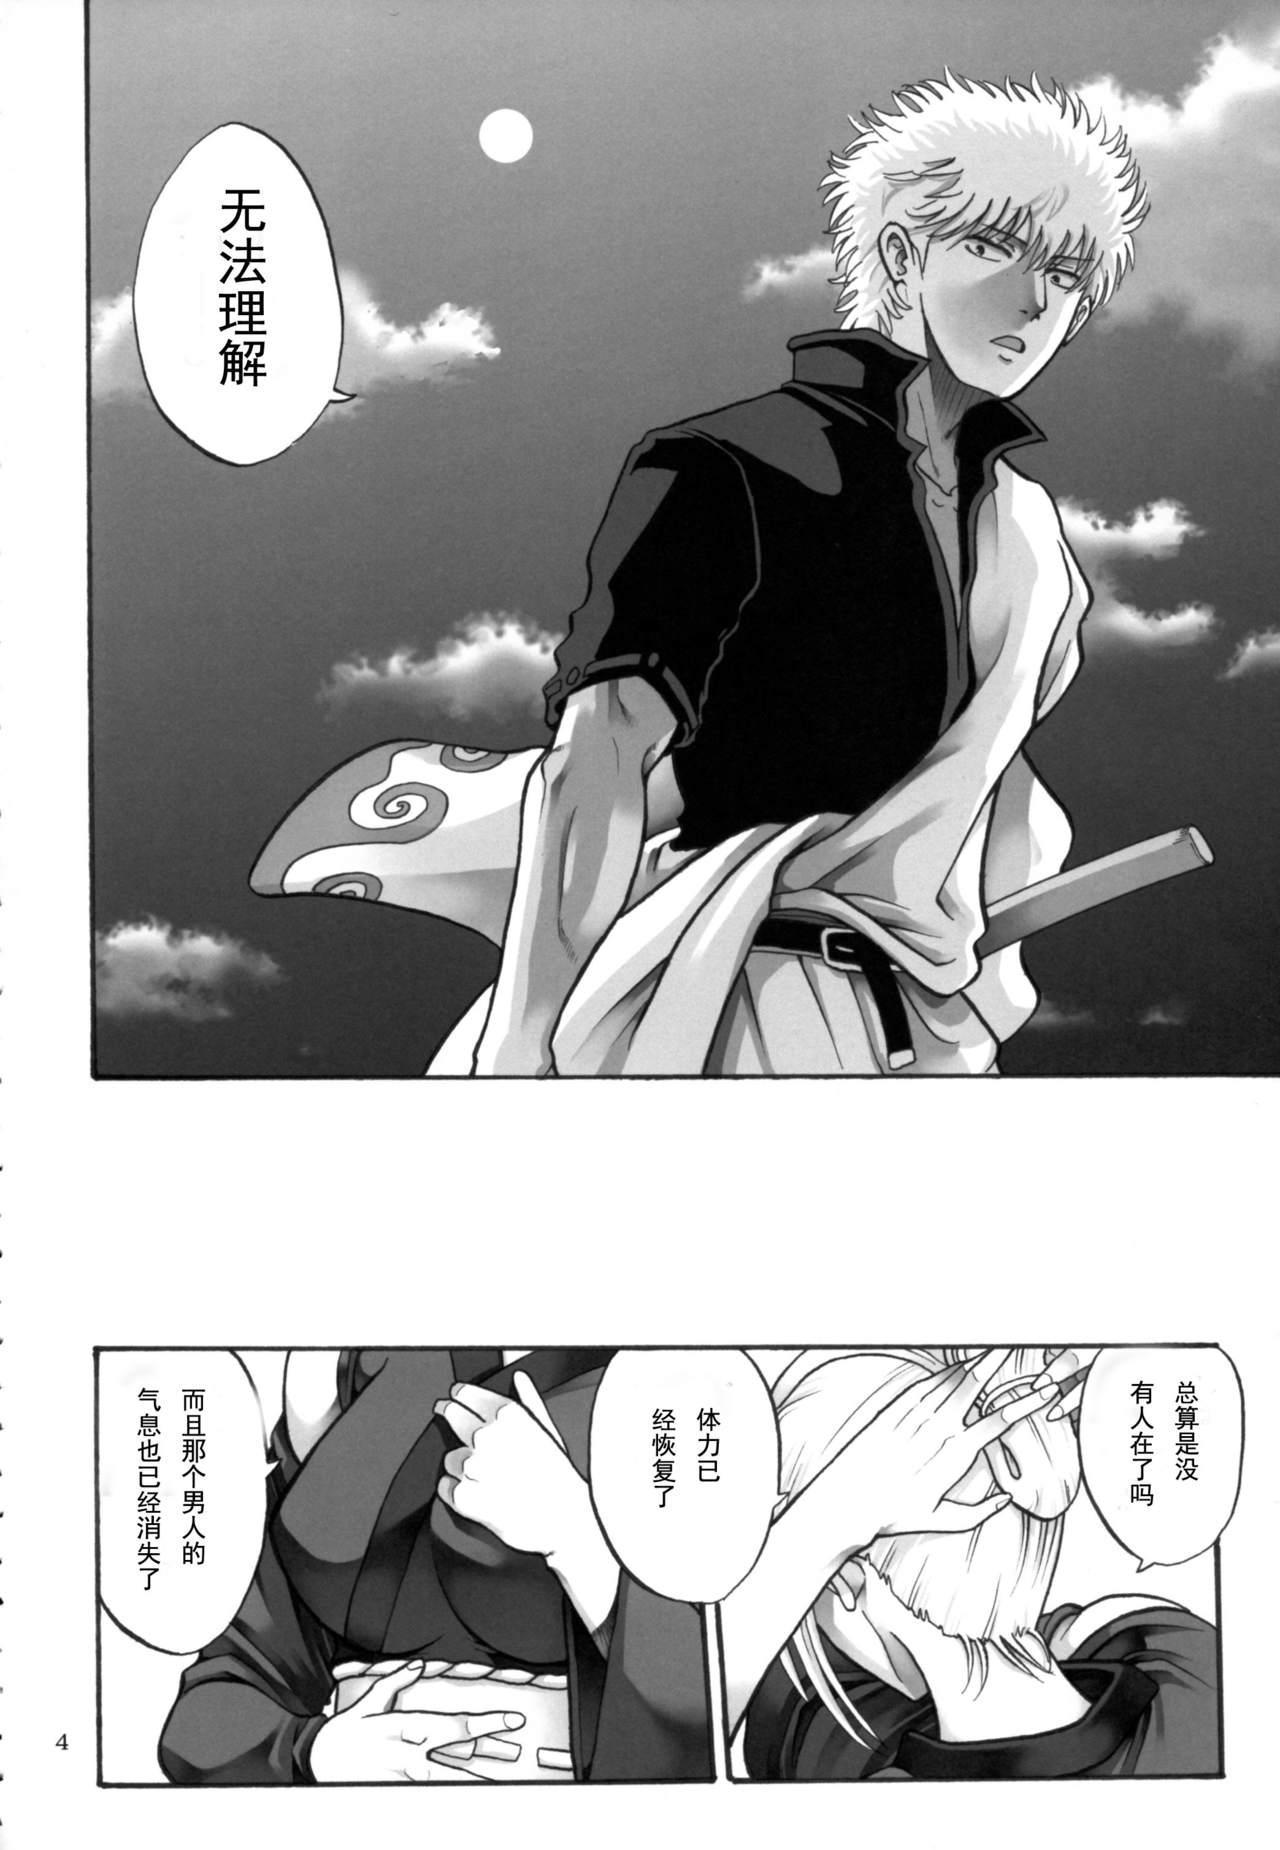 Tsukuyo-san ga Iyarashii Koto o Sarete Shimau Hanashi 5 4